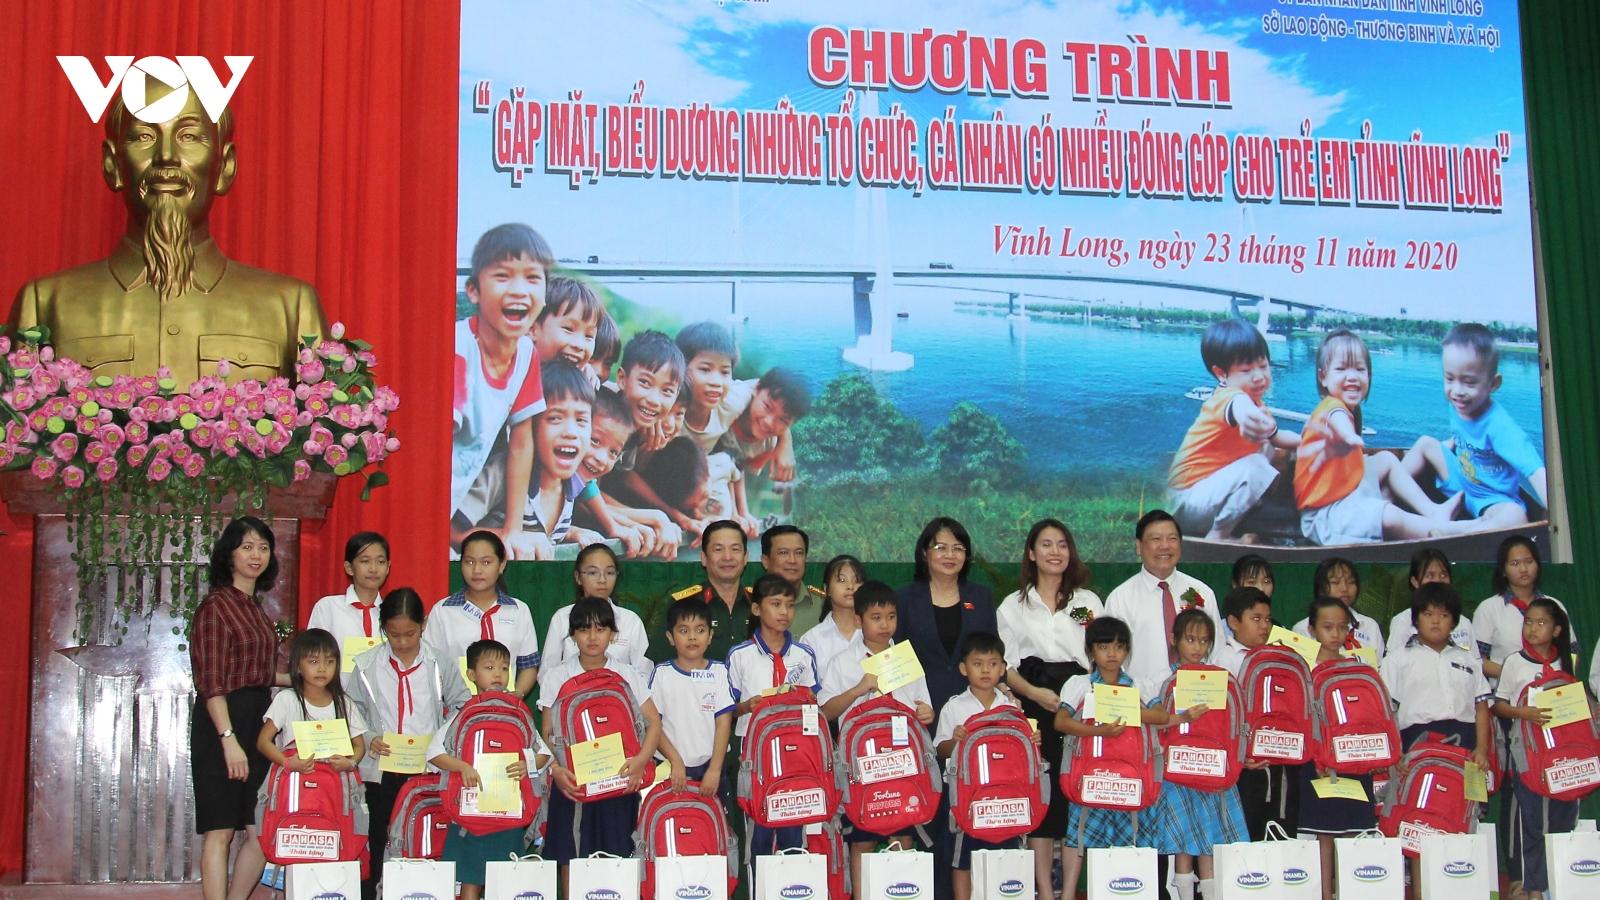 Hơn 60 tỷ đồng được đóng góp cho trẻ em tỉnh Vĩnh Long